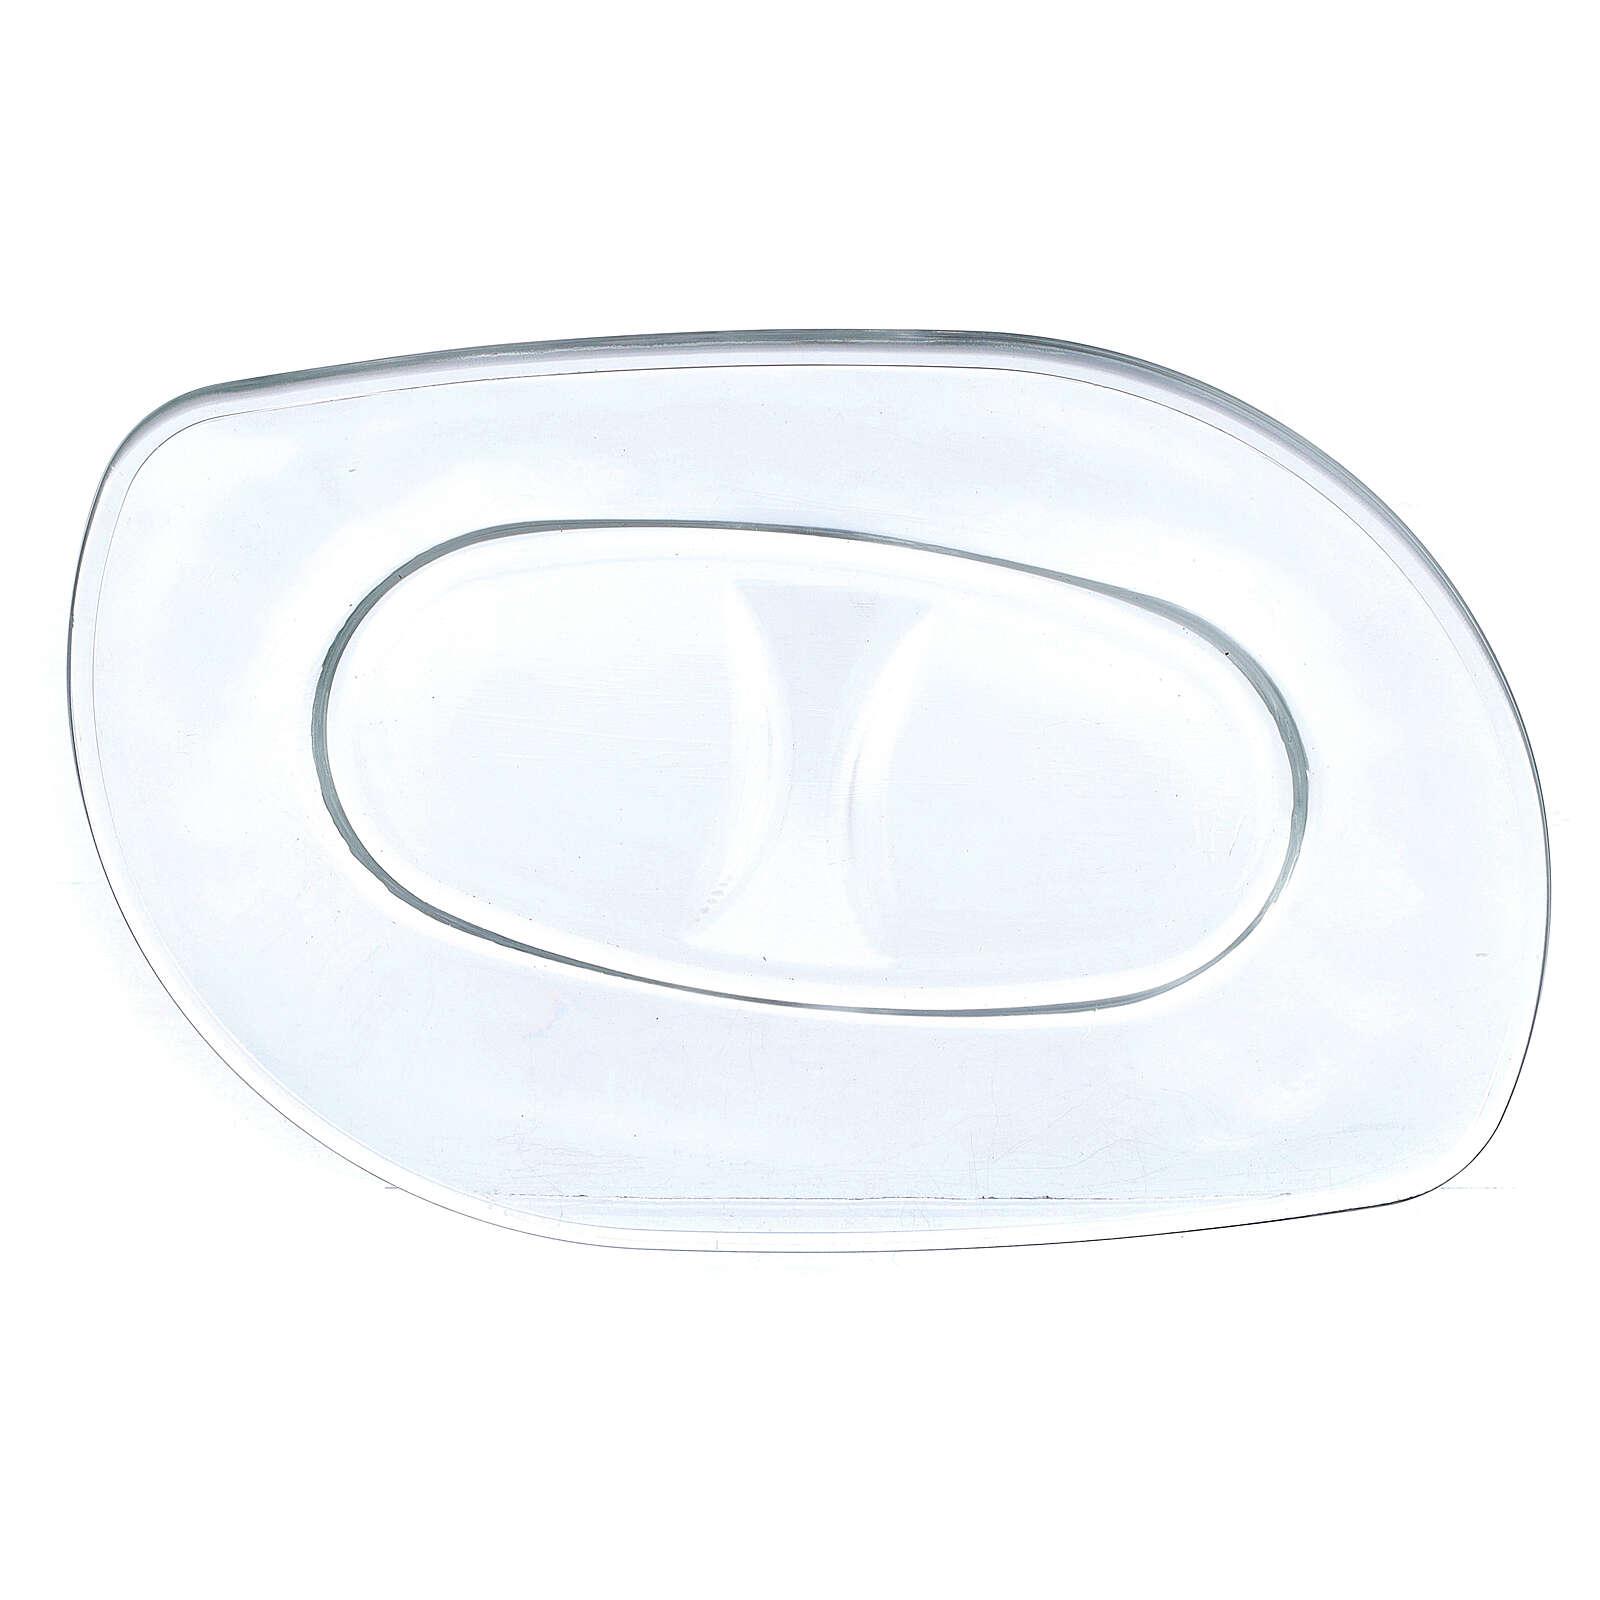 Vinajeras de vidrio con bandeja de vidrio 50 ml 4